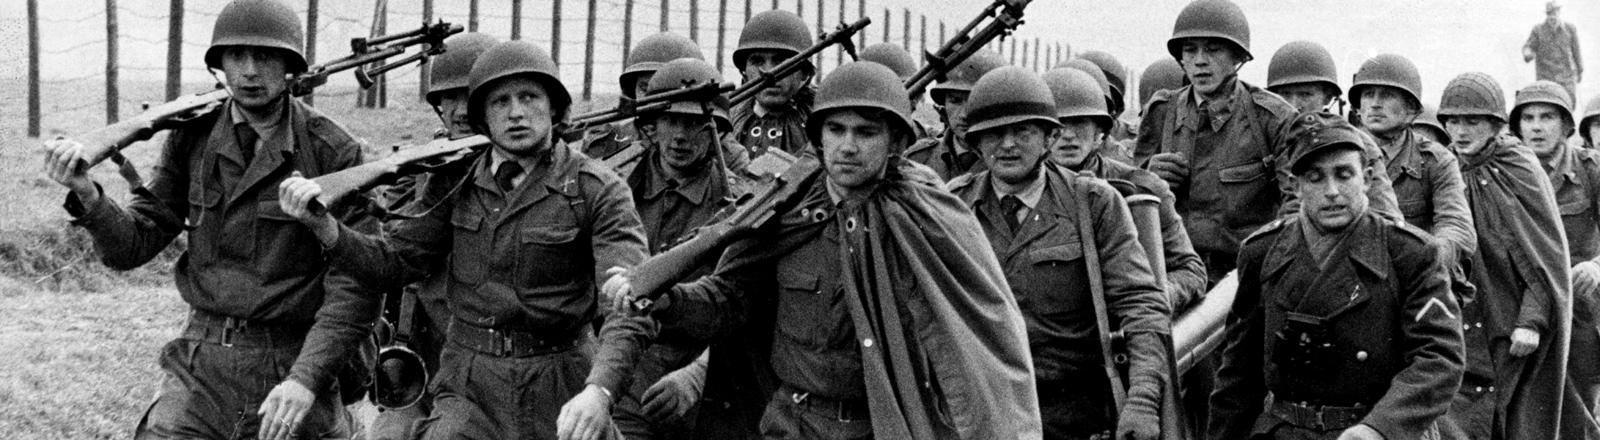 Ein Zug des Lehrbattaillons Andernach am 19.04.1956 im Gleichschritt auf dem Weg zur Waffenausbildung auf dem Truppenübungsplatz Pfaffendorf.